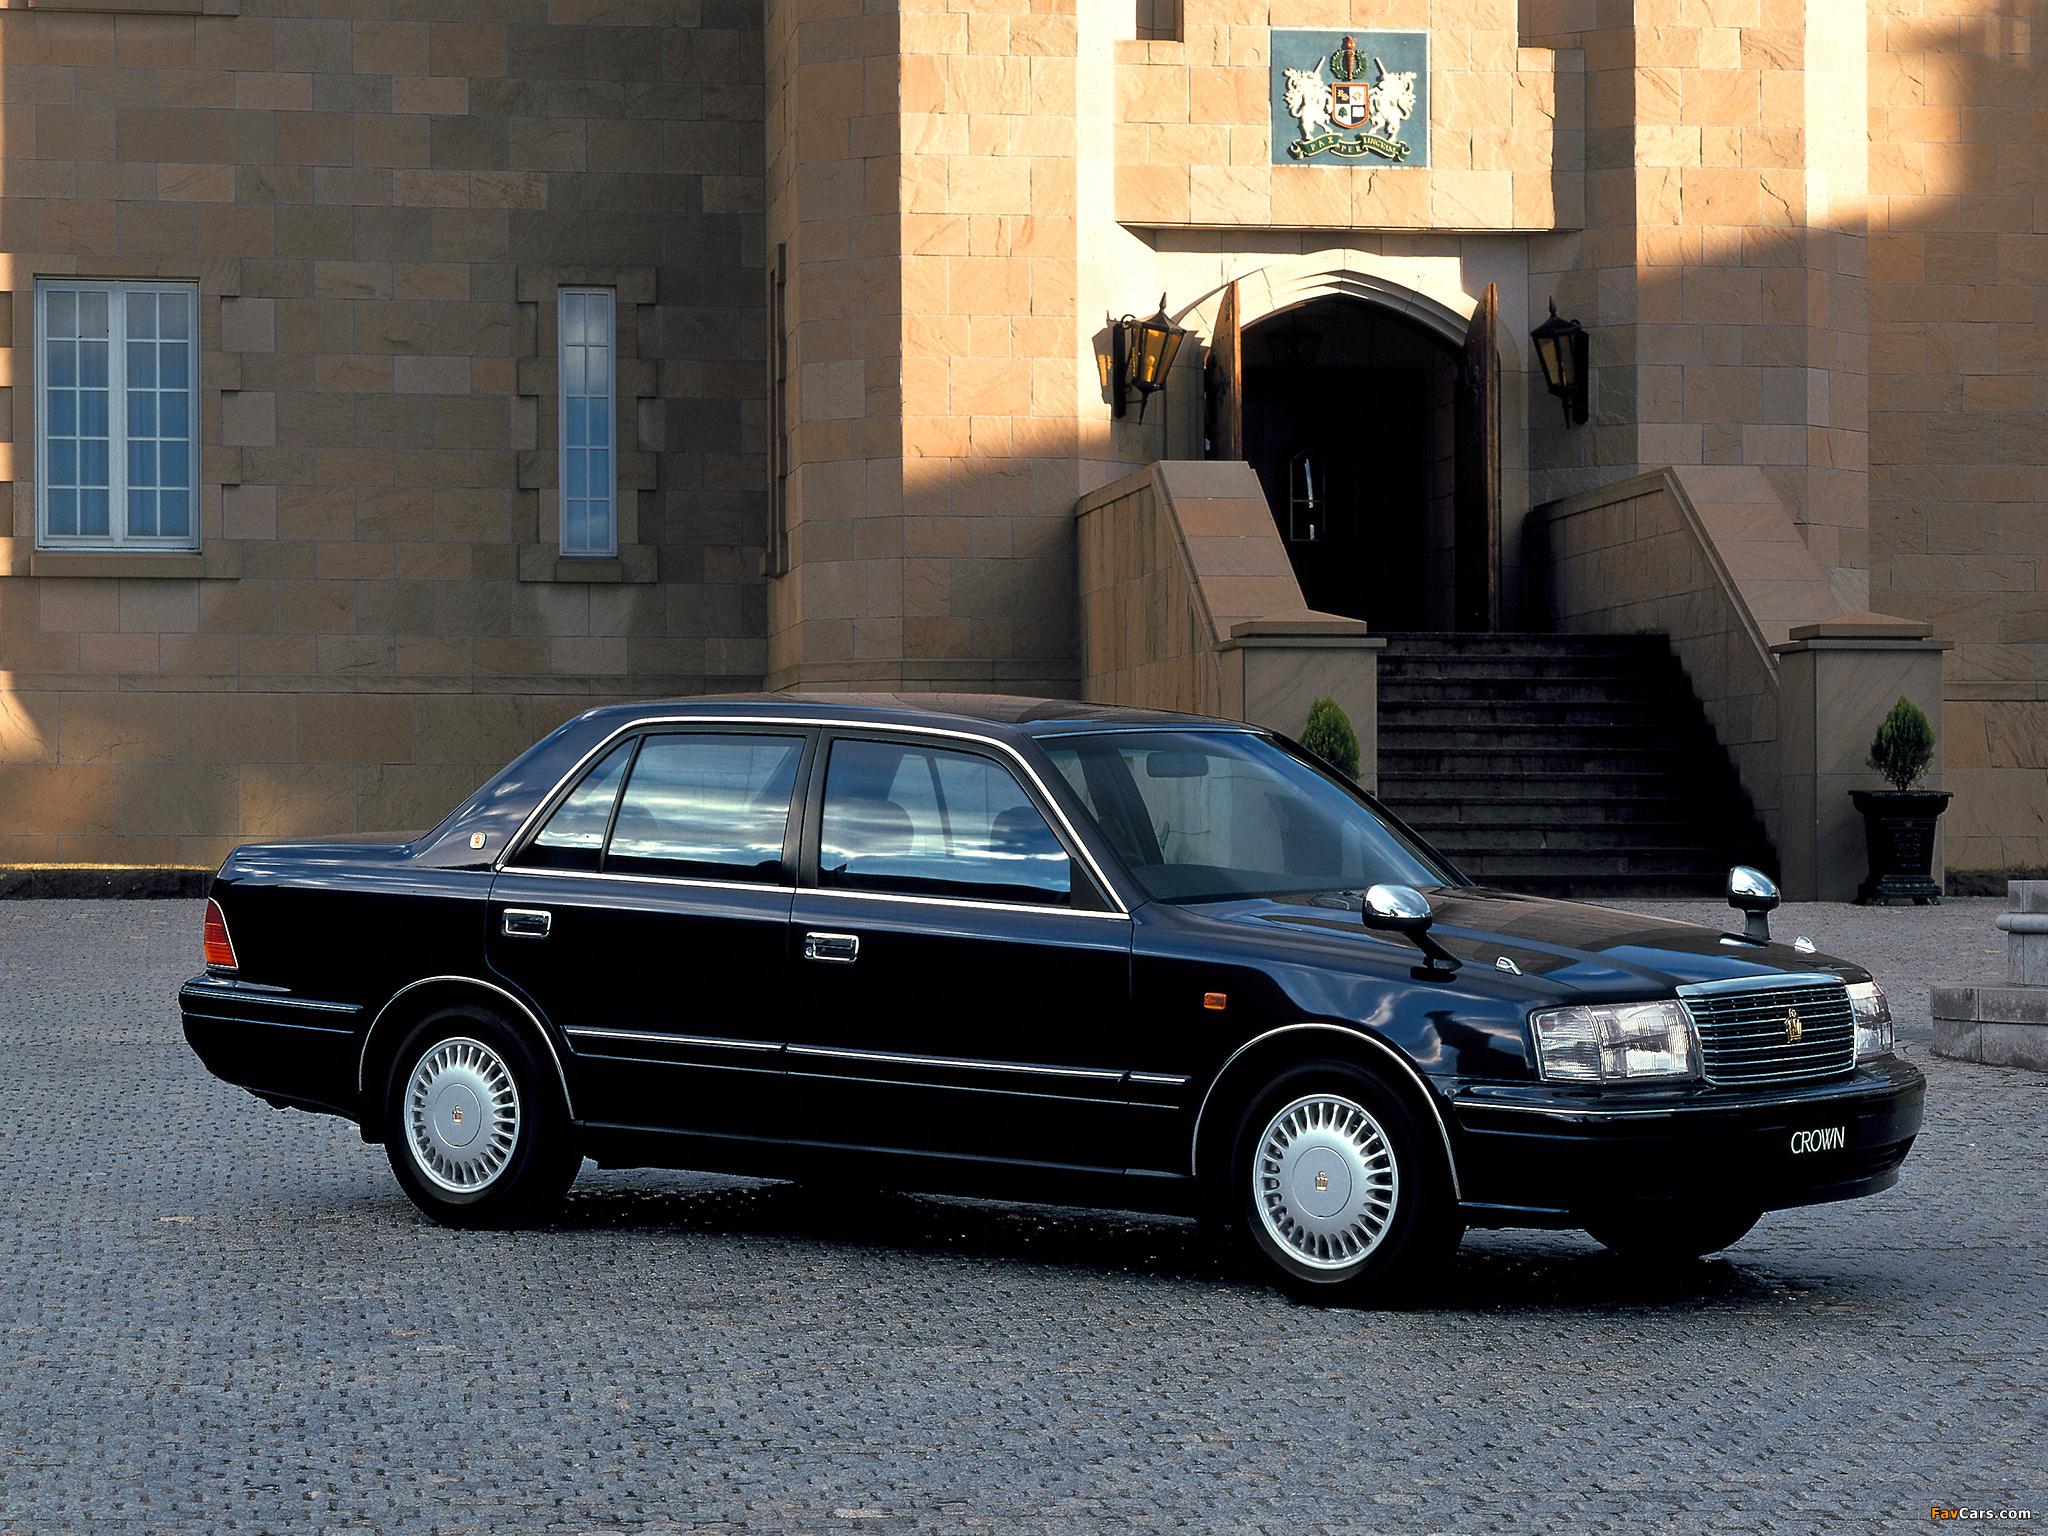 Kelebihan Kekurangan Toyota Crown 1995 Tangguh